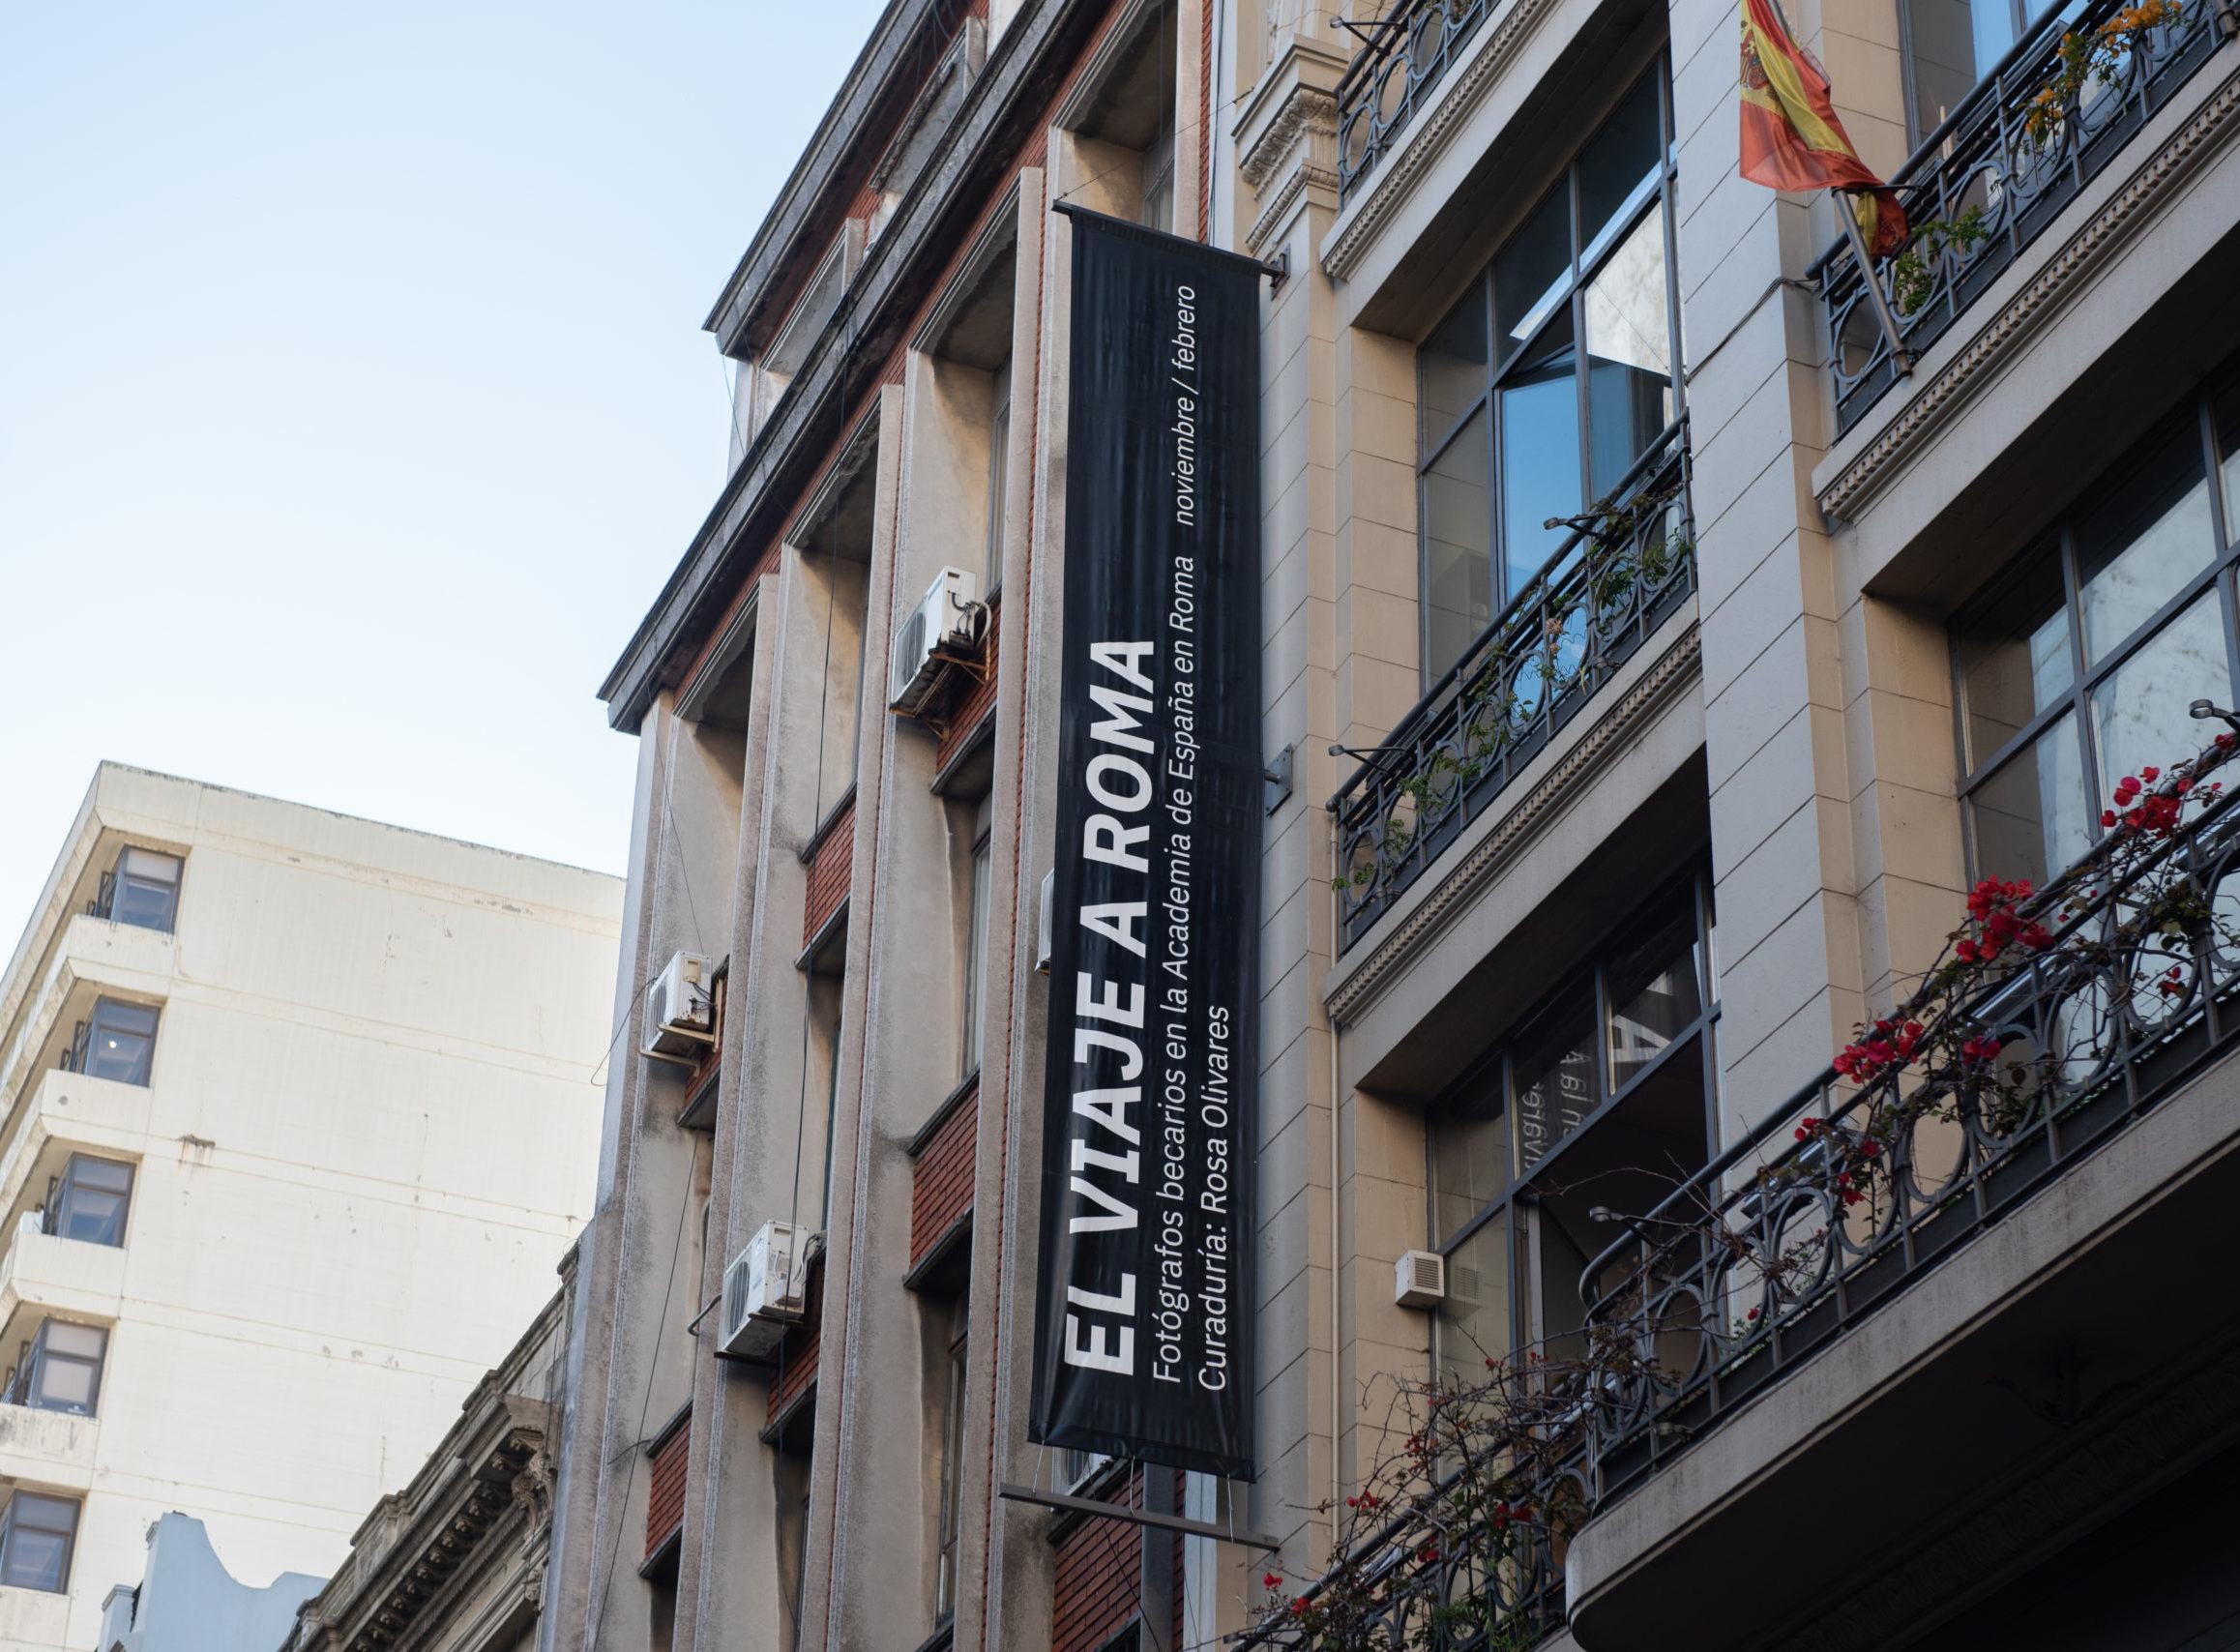 El Centro Niemeyer sale de España y lleva a América su primera exposición